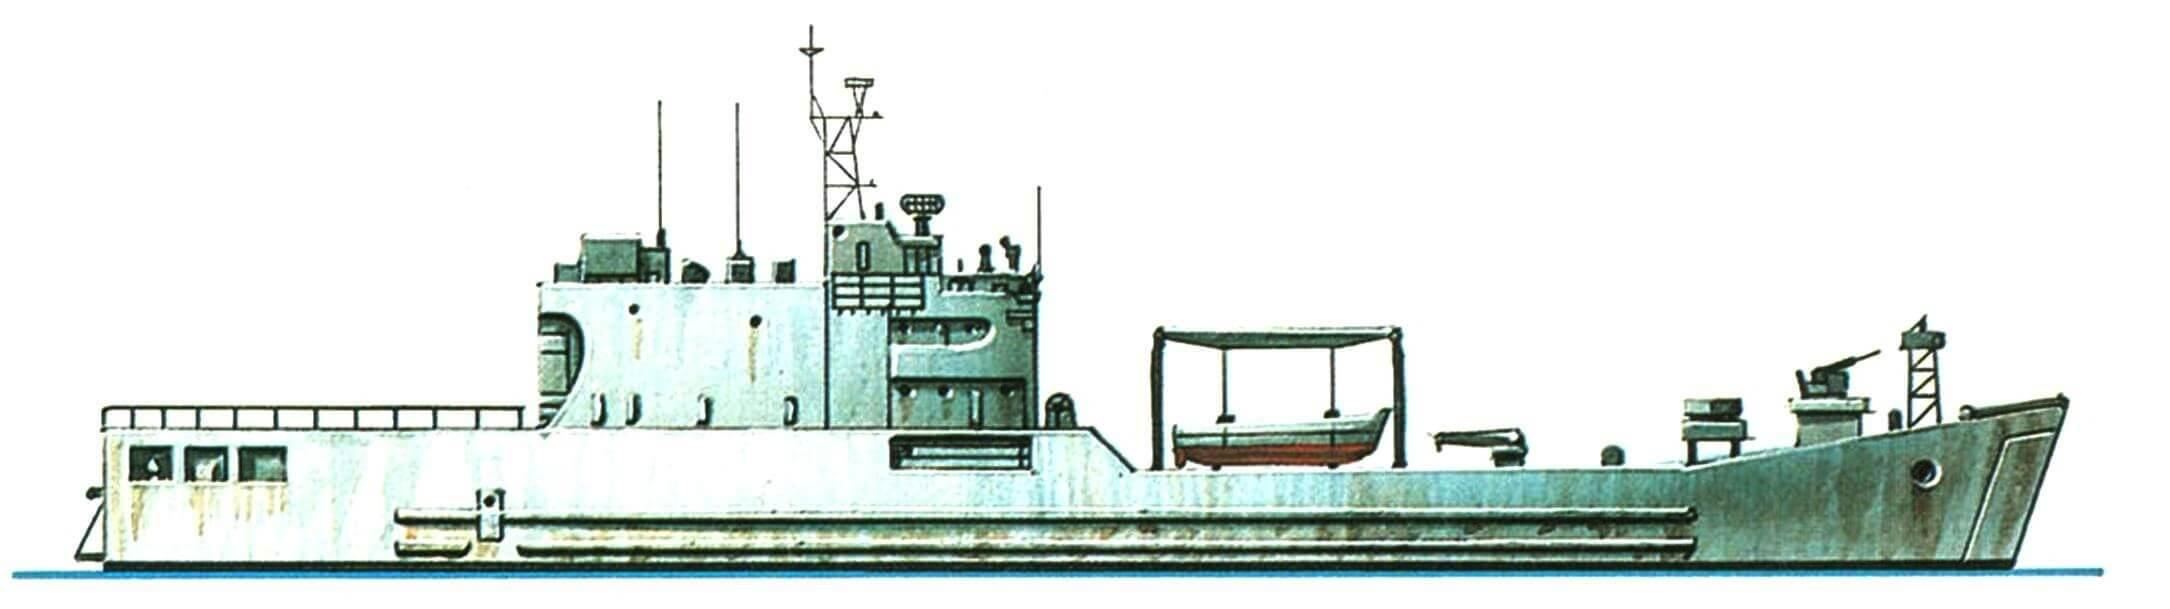 41.Танкодесантный корабль «Телук Бантен», Индонезия, 1982 г. Строился в Южной Корее. Водоизмещение стандартное 1800 т, полное 3780 т. Длина максимальная 100,0 м, ширина 15,4 м, осадка 3,0 м. Дизели общей мощностью 6850 л.с., скорость 15 узлов. Вооружение: два 40-мм и два 20-мм автомата. Вместимость: 200 десантников и 700 т груза. Всего в 1981 — 1982 годах построено для Индонезии 6 единиц.